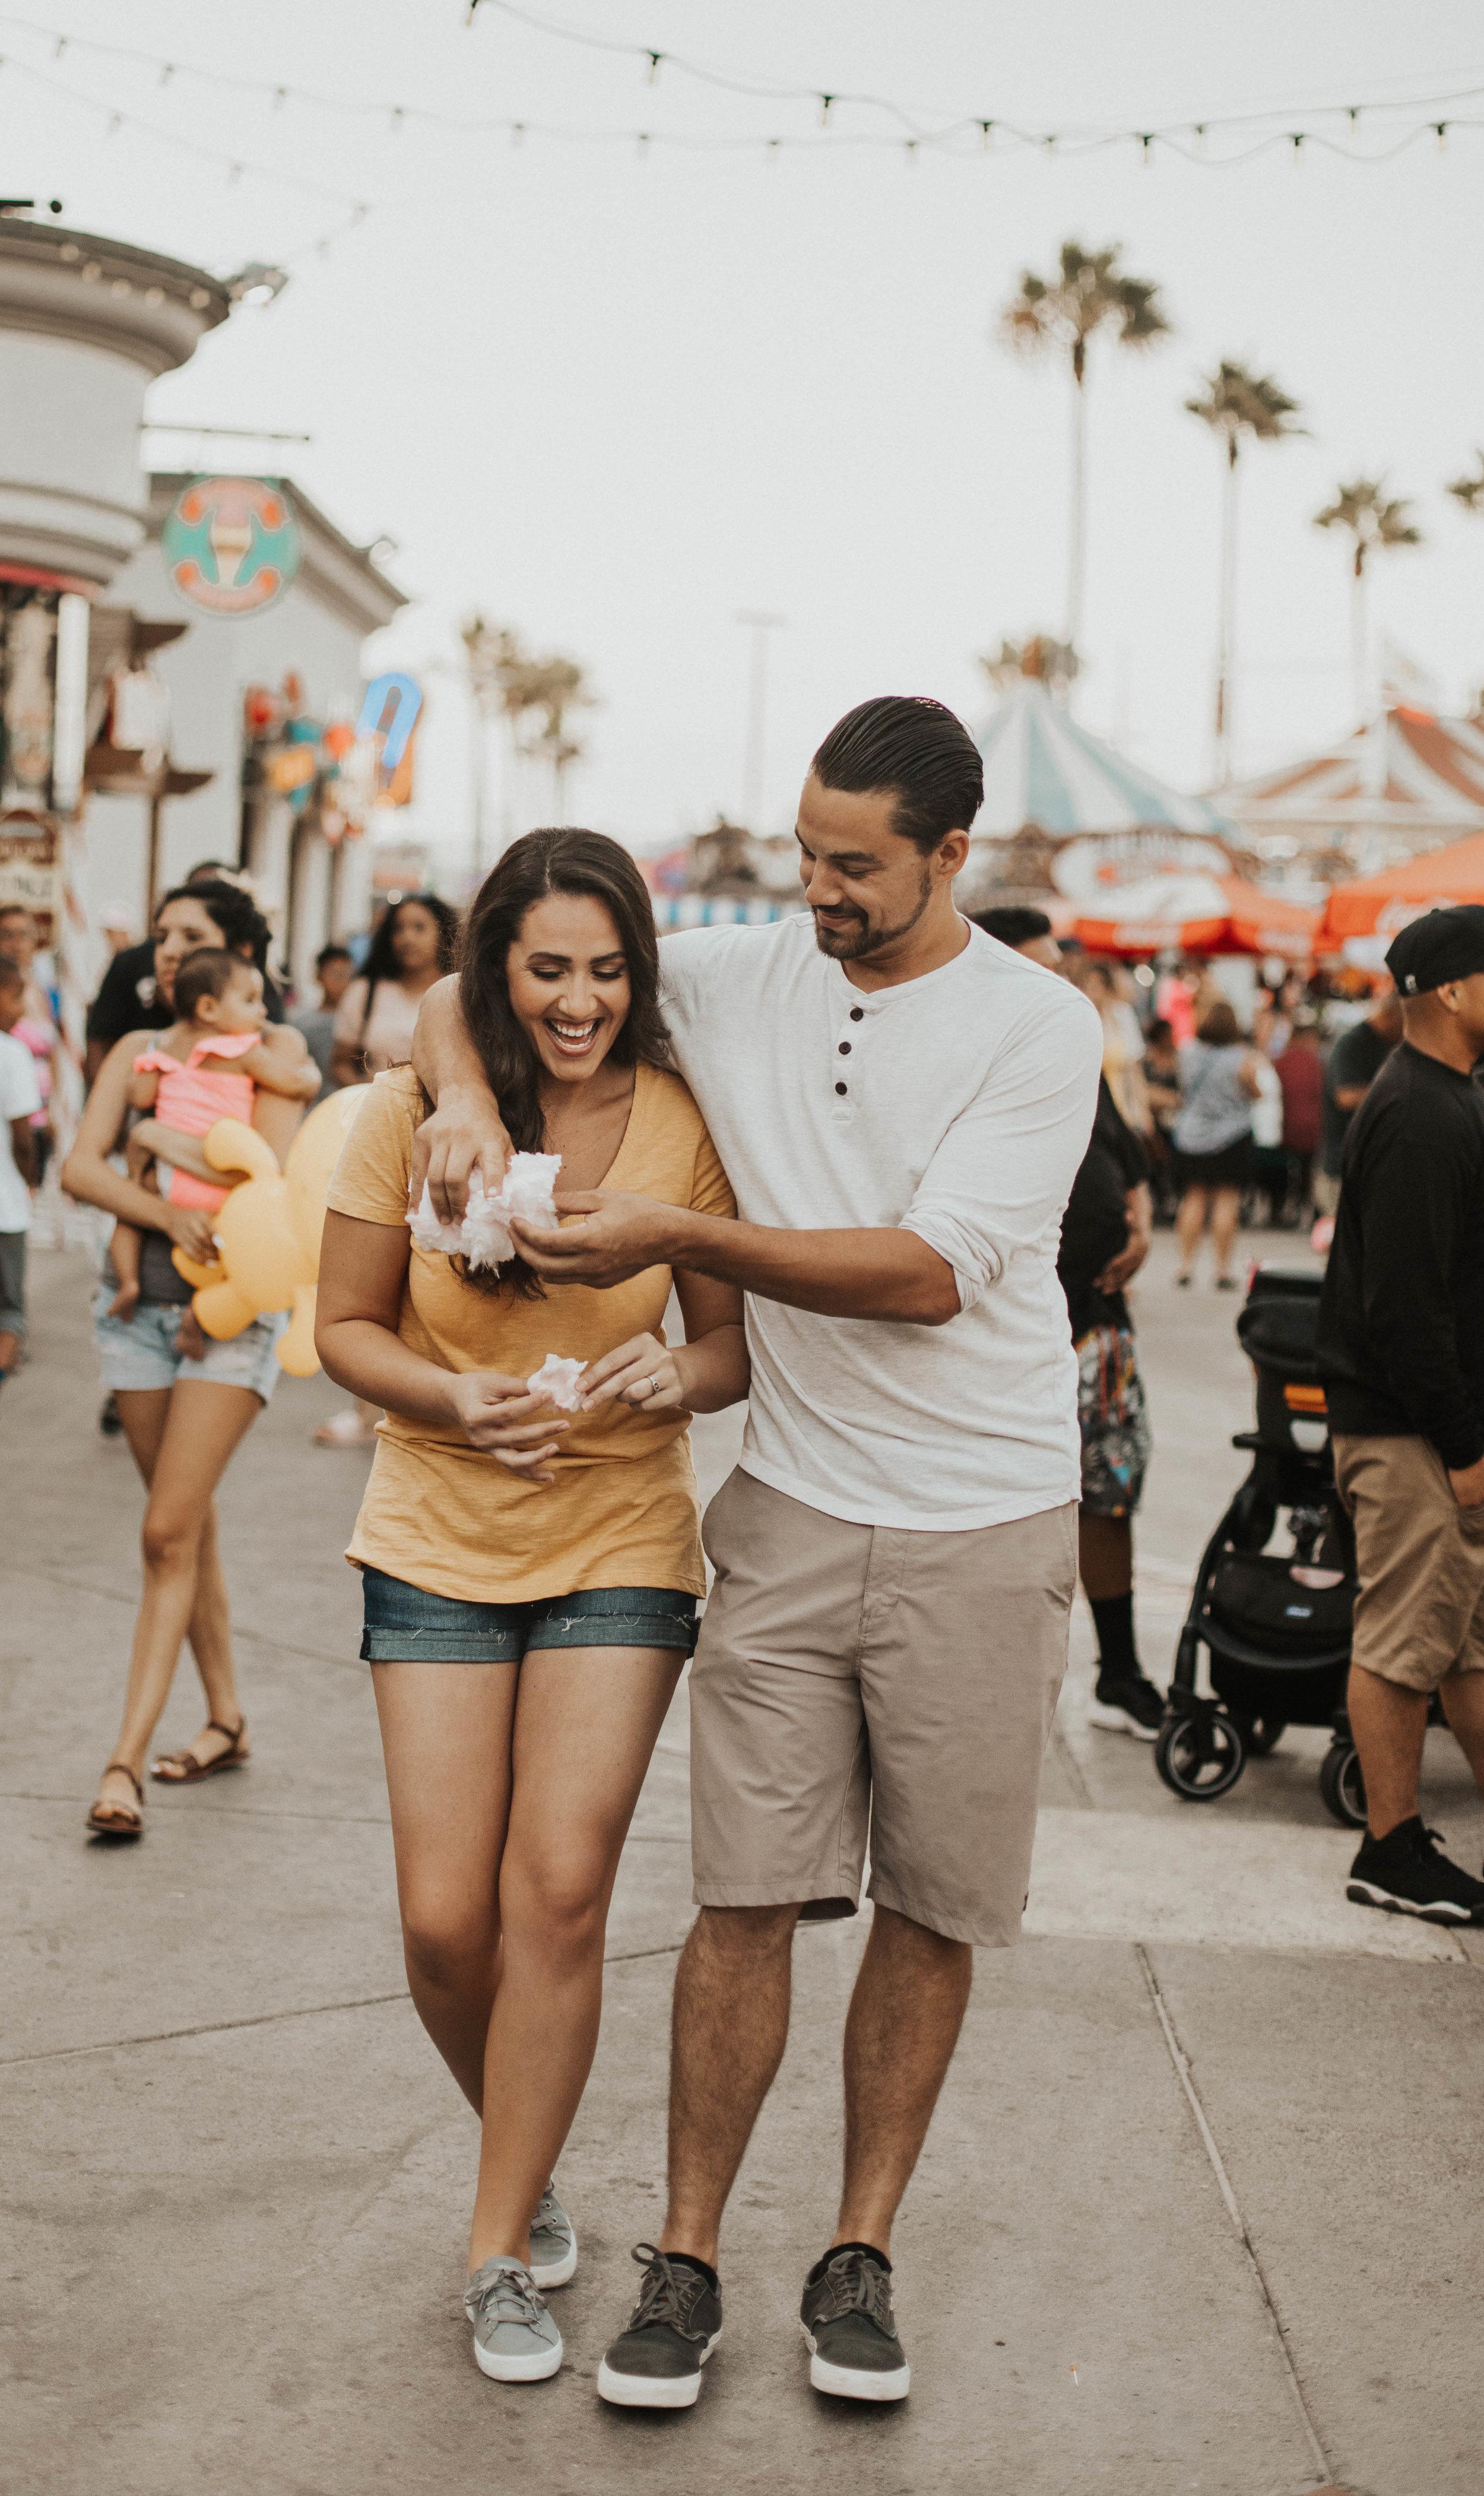 amusement park engagement